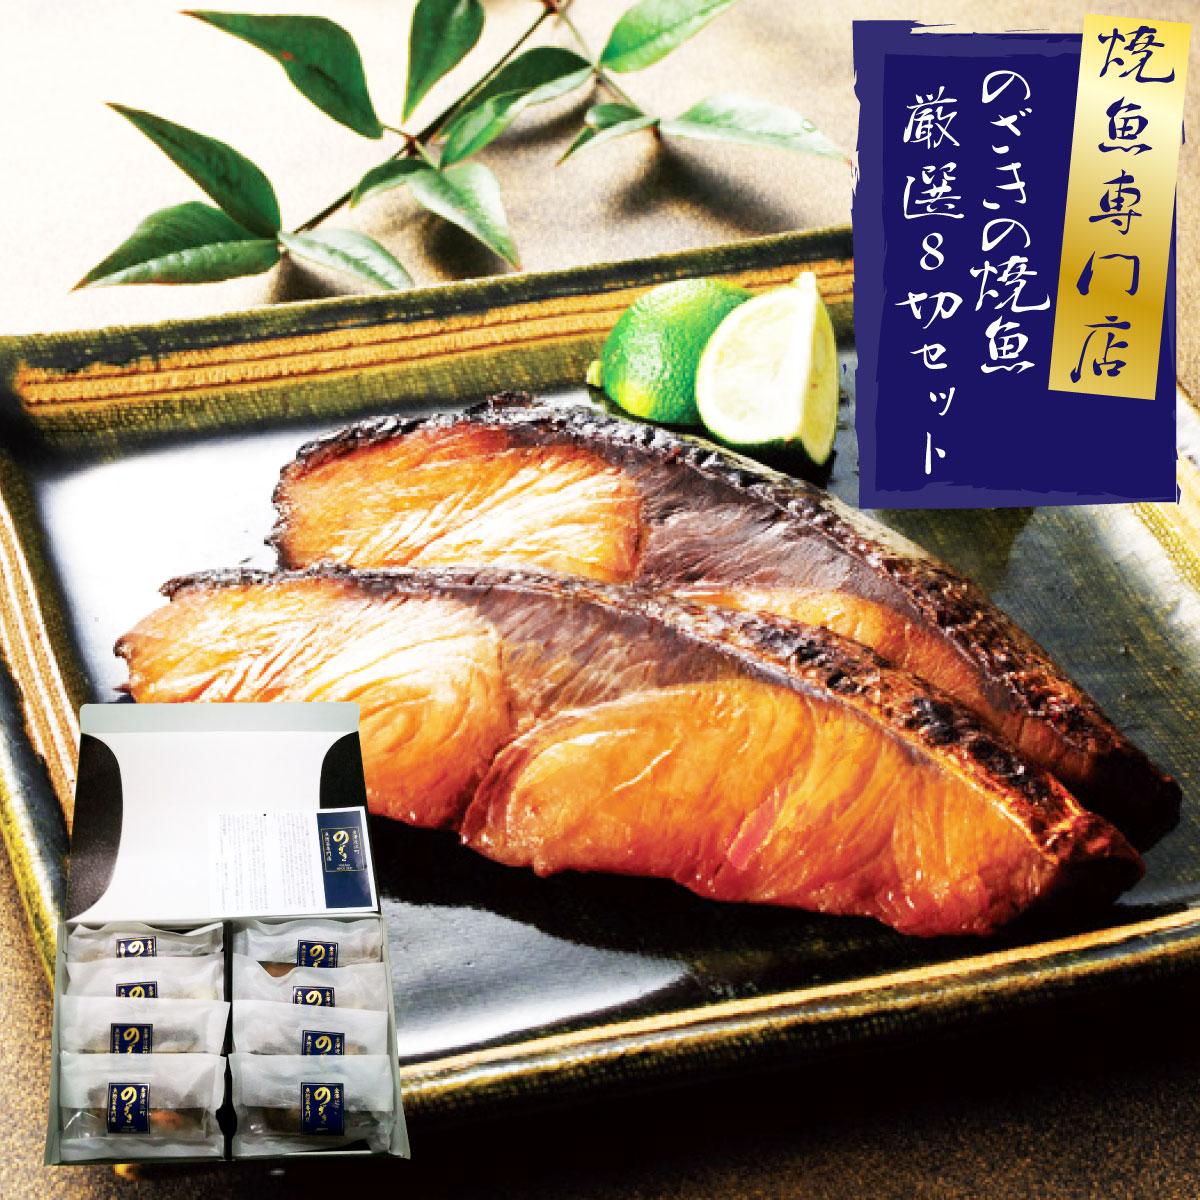 金沢近江町市場 のざきの焼魚 厳選 8切セット 照焼 西京焼 酒粕焼